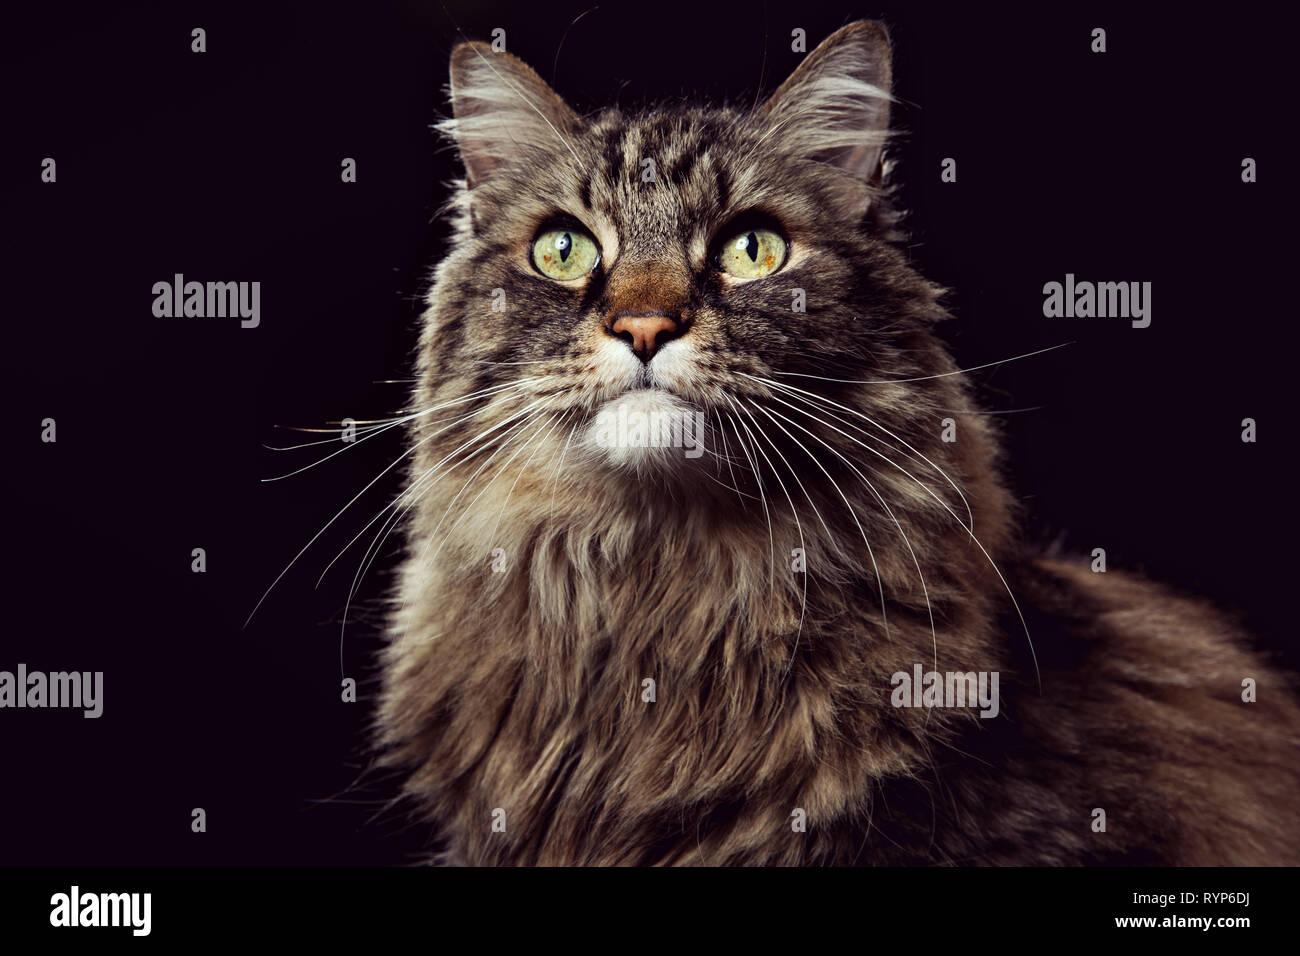 Close-up portrait of a brown tabby cat à la haut sur un fond noir. Banque D'Images